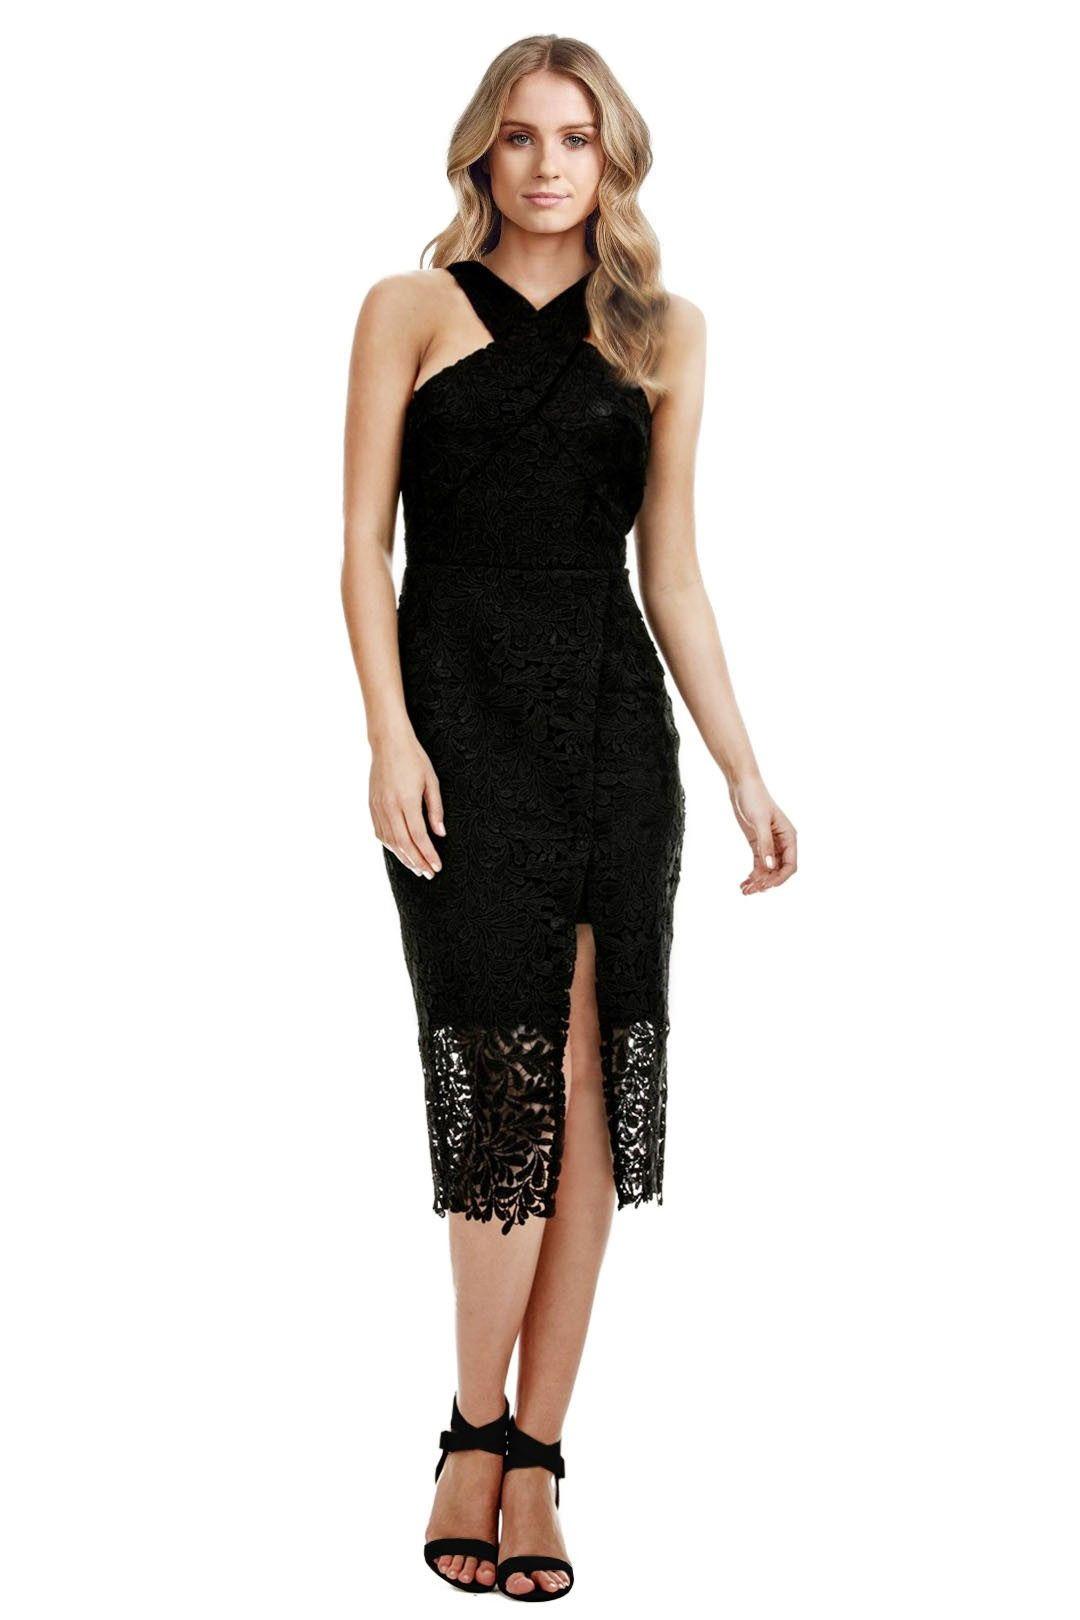 Langhem - Danielle Black Lace Cocktail Dress - Black - Front